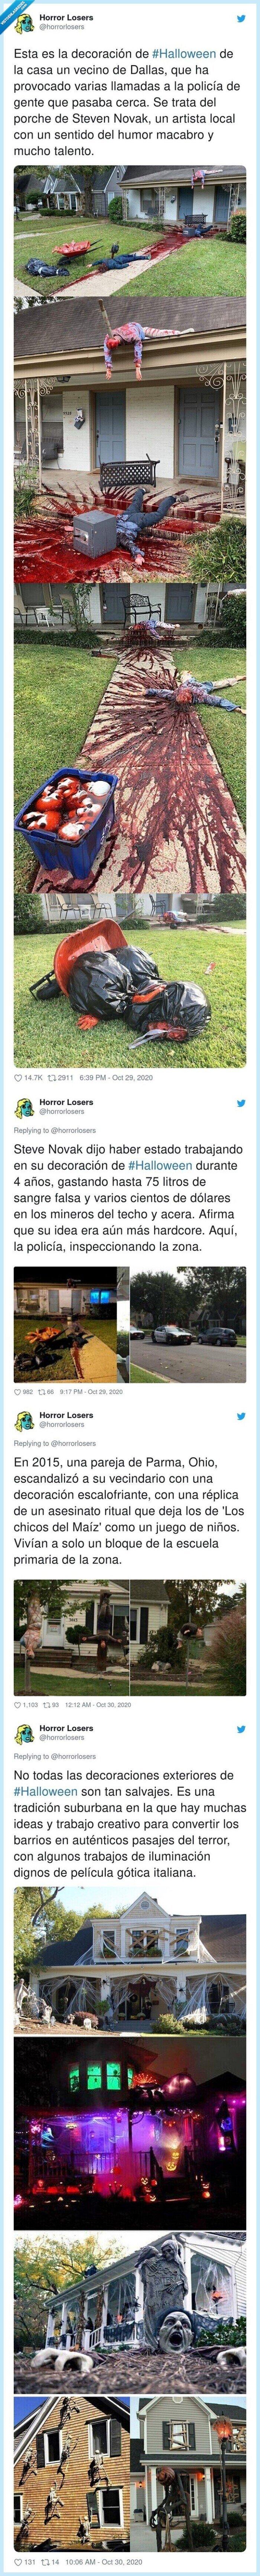 dallas,decoración,halloween,policía,vecino